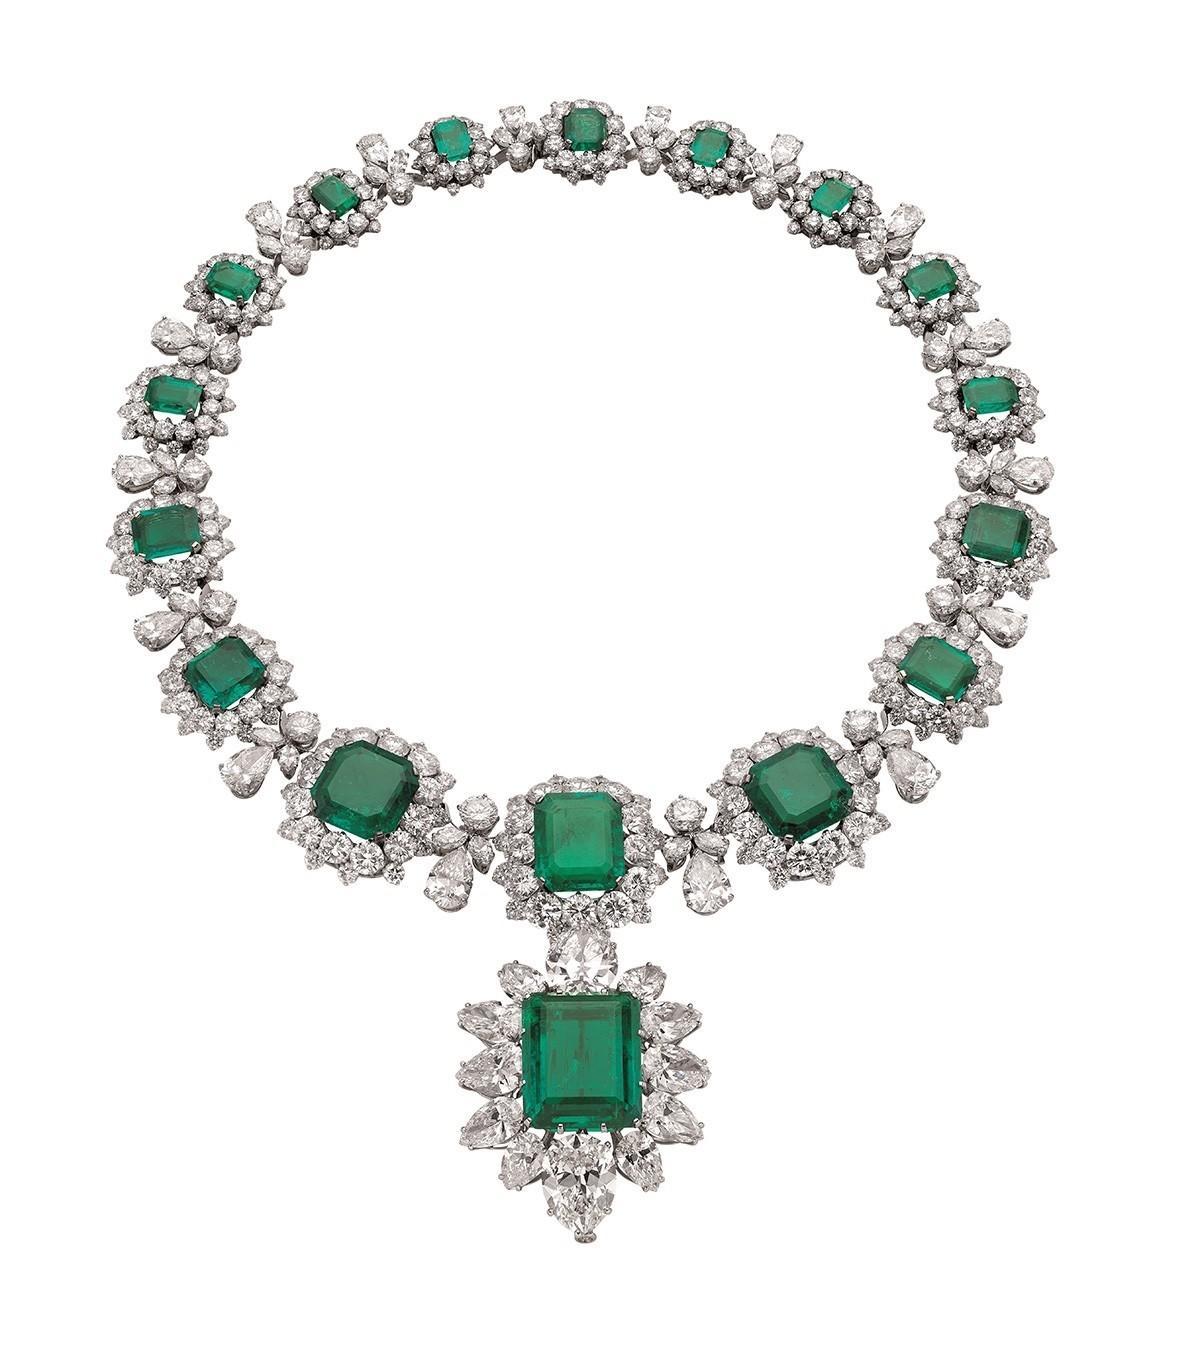 伯顿送给泰勒的宝格丽祖母绿钻石项链